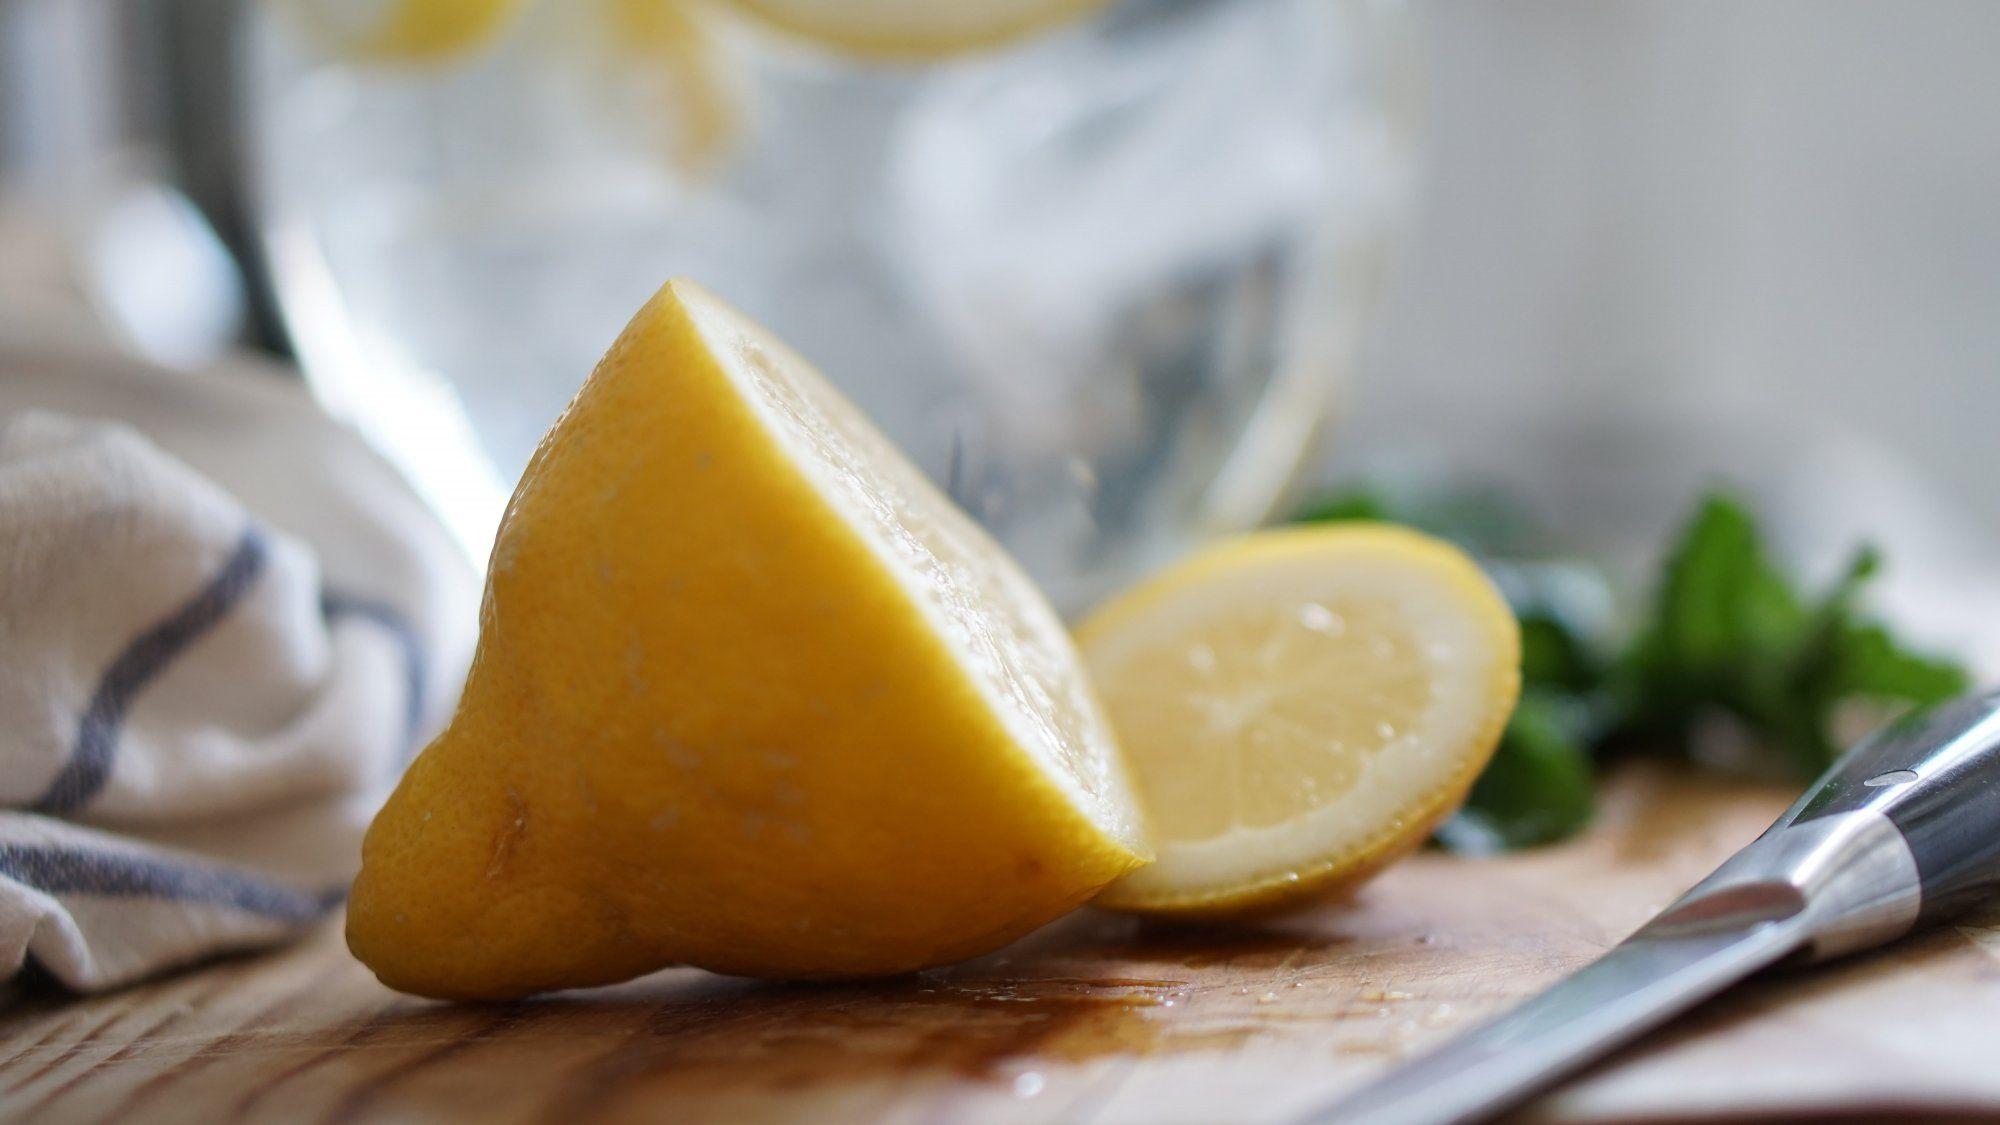 Čištění trouby za pomoci citronu